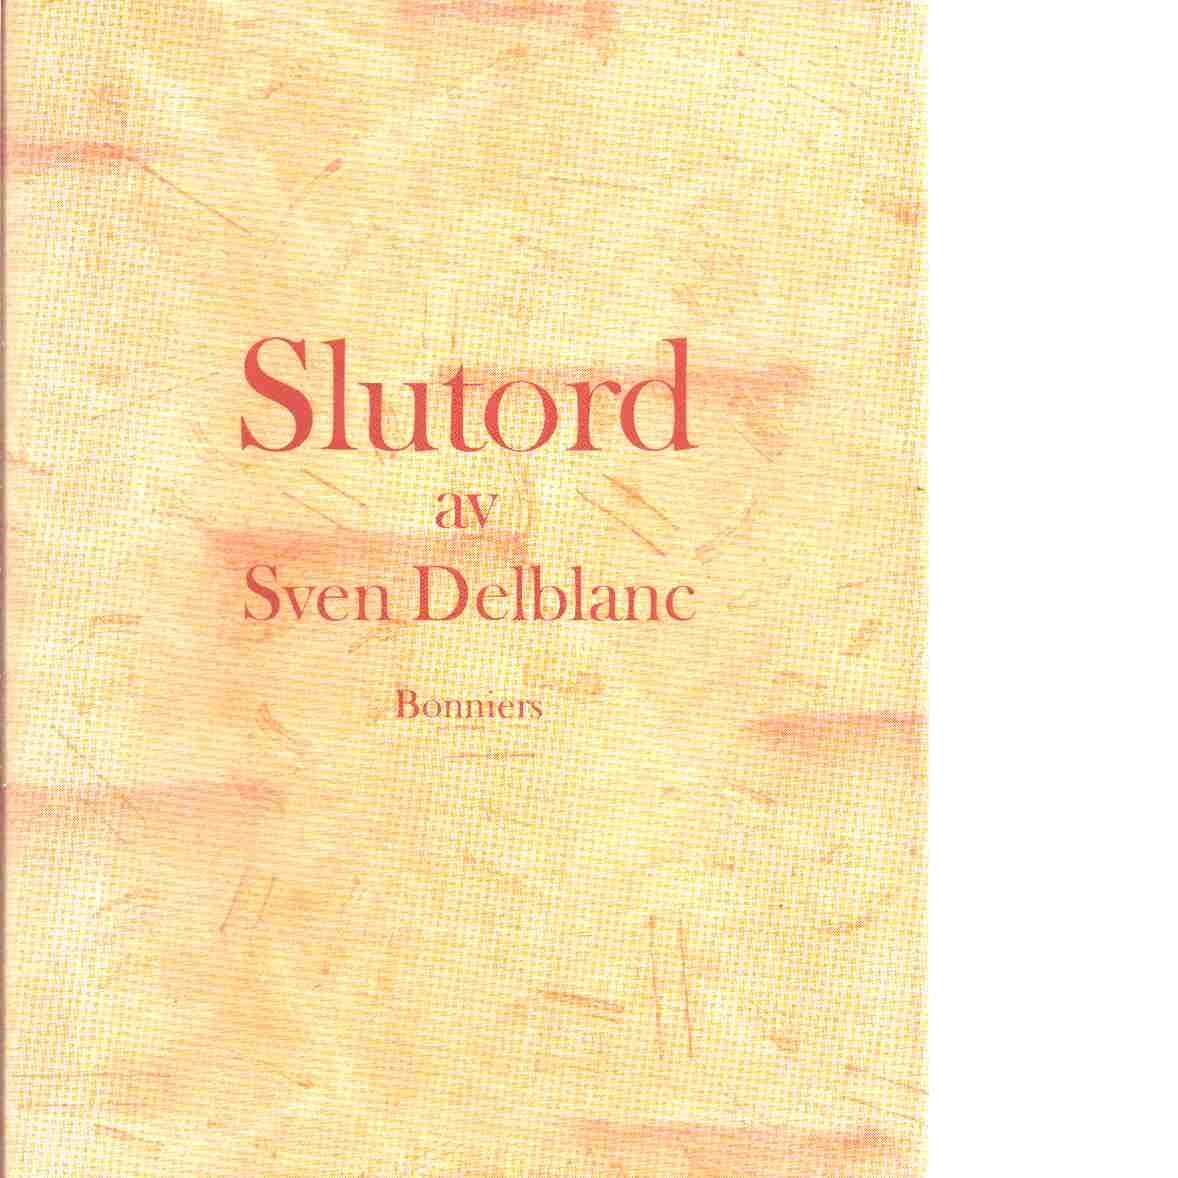 Slutord - Delblanc, Sven